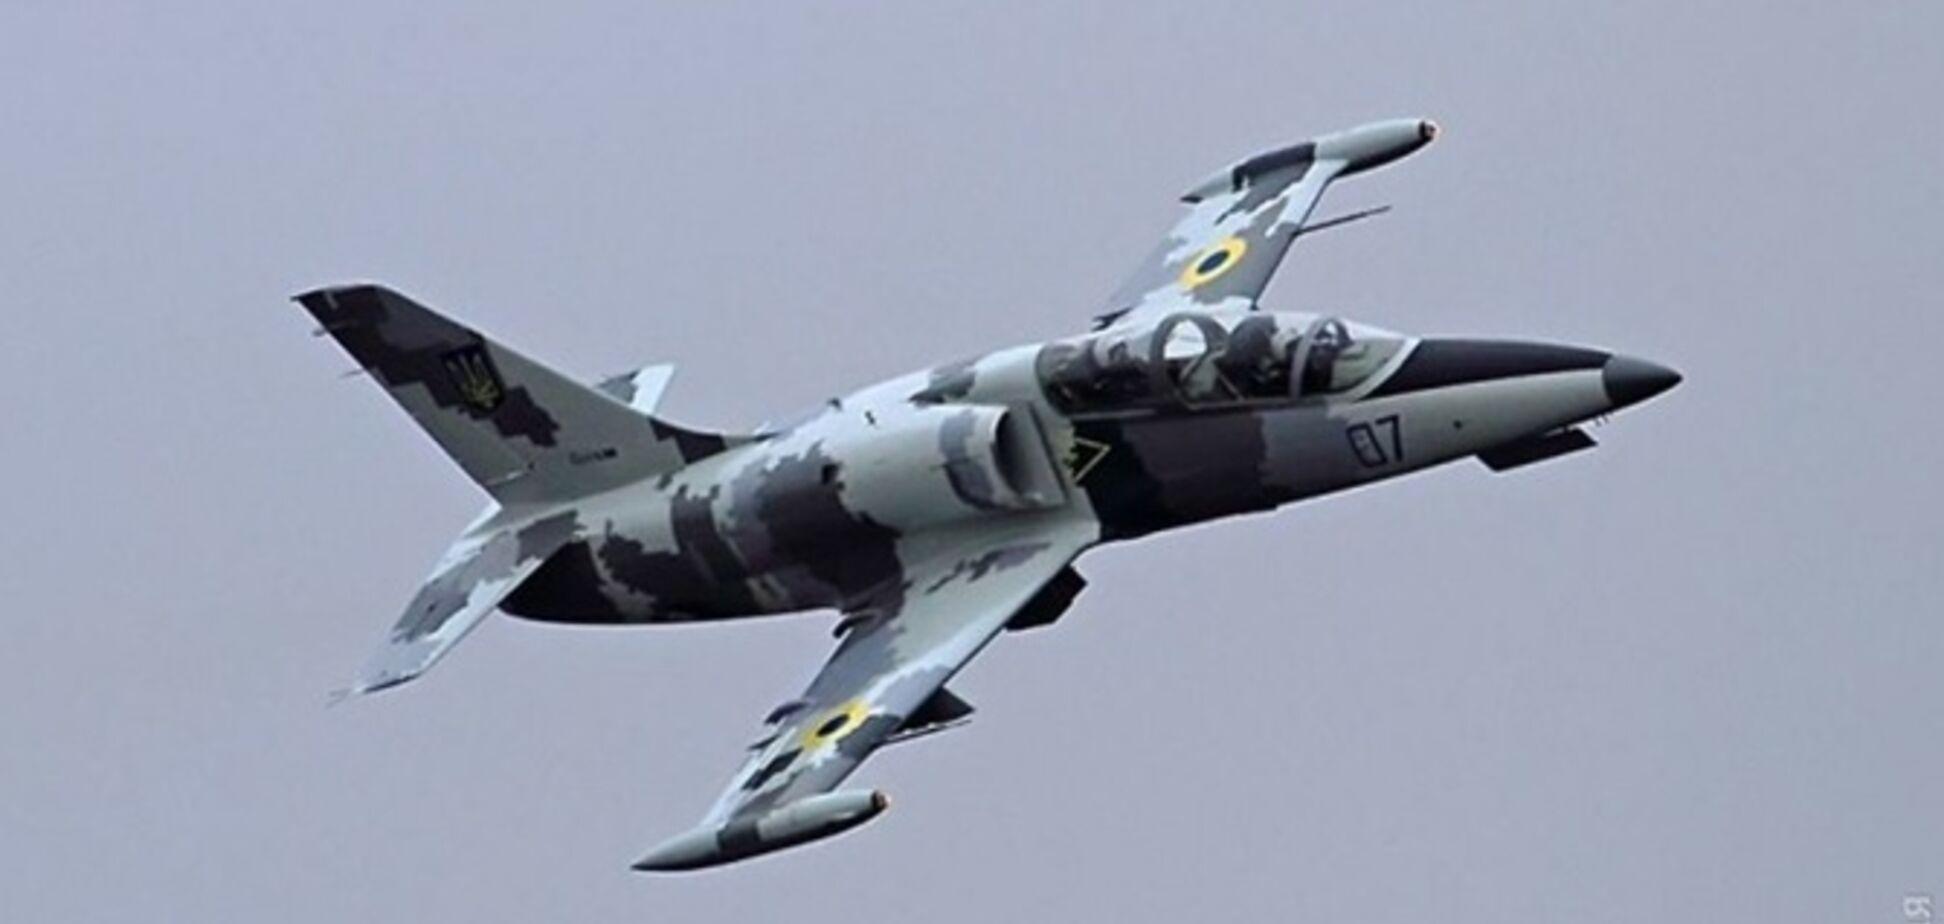 Авиакатастрофа военного самолета под Хмельницким: названа вероятная версия ЧП